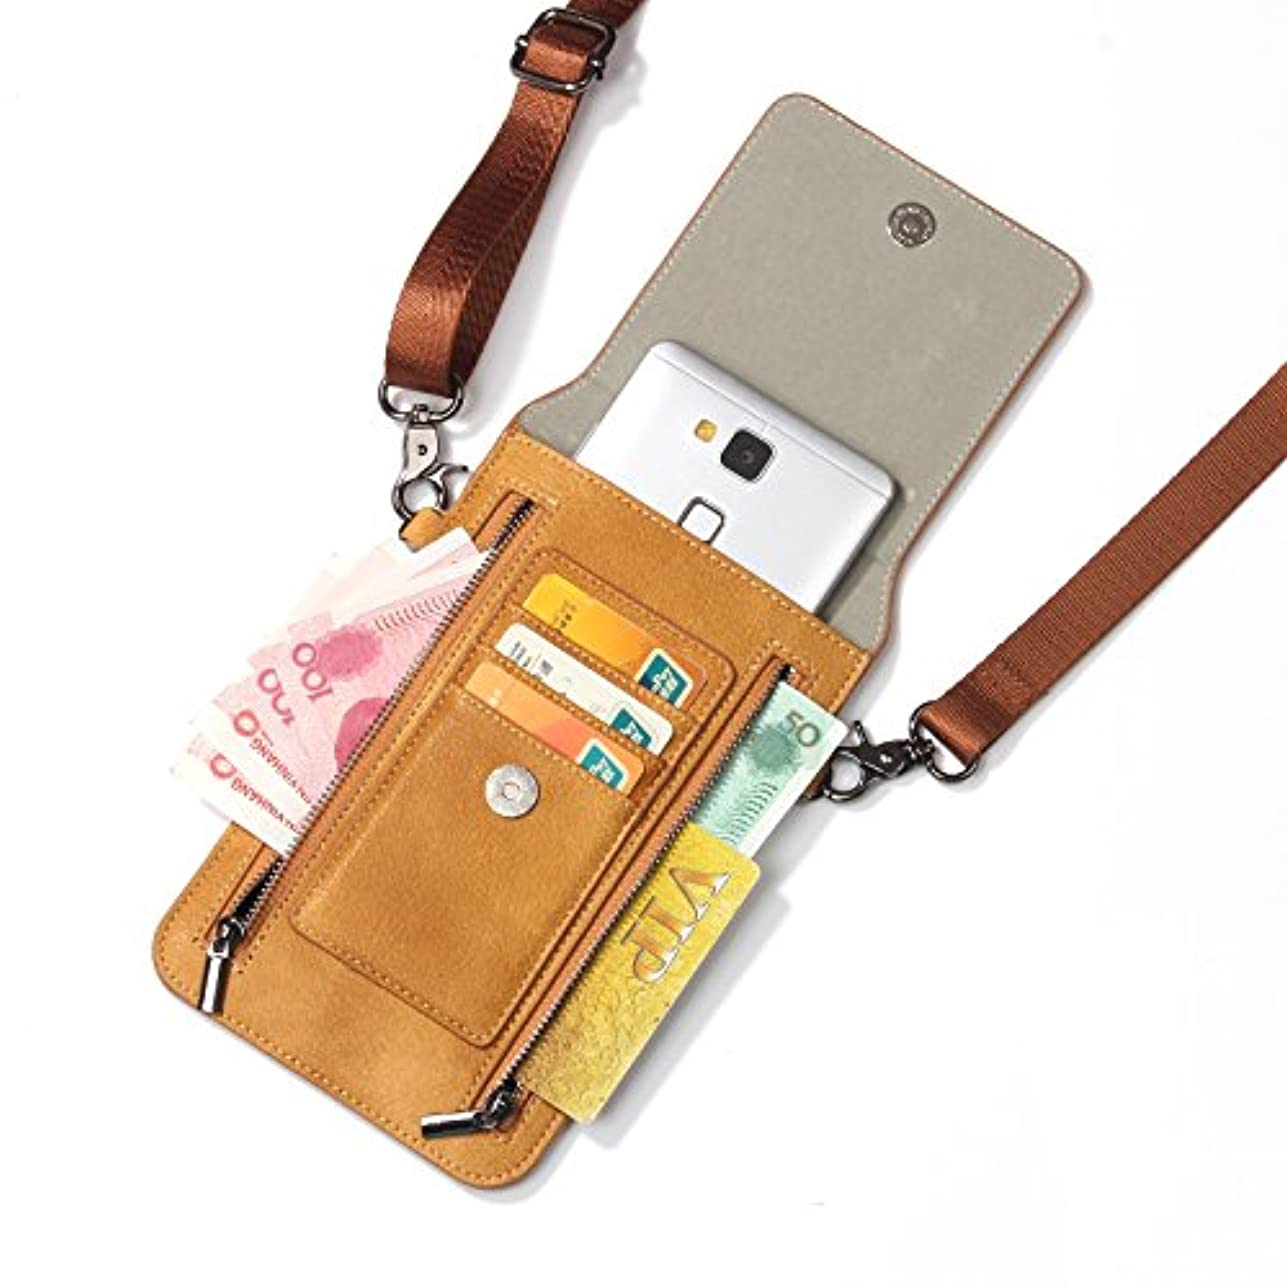 ムス掃く混合したiPhone XS Max ケース レザー INorton 多機能スマホポーチ 保護カバー 財布型 軽量 カード お金収納 ストラップ付き iPhone X /8/8Plus/7/7Plusなど6.5インチ汎用